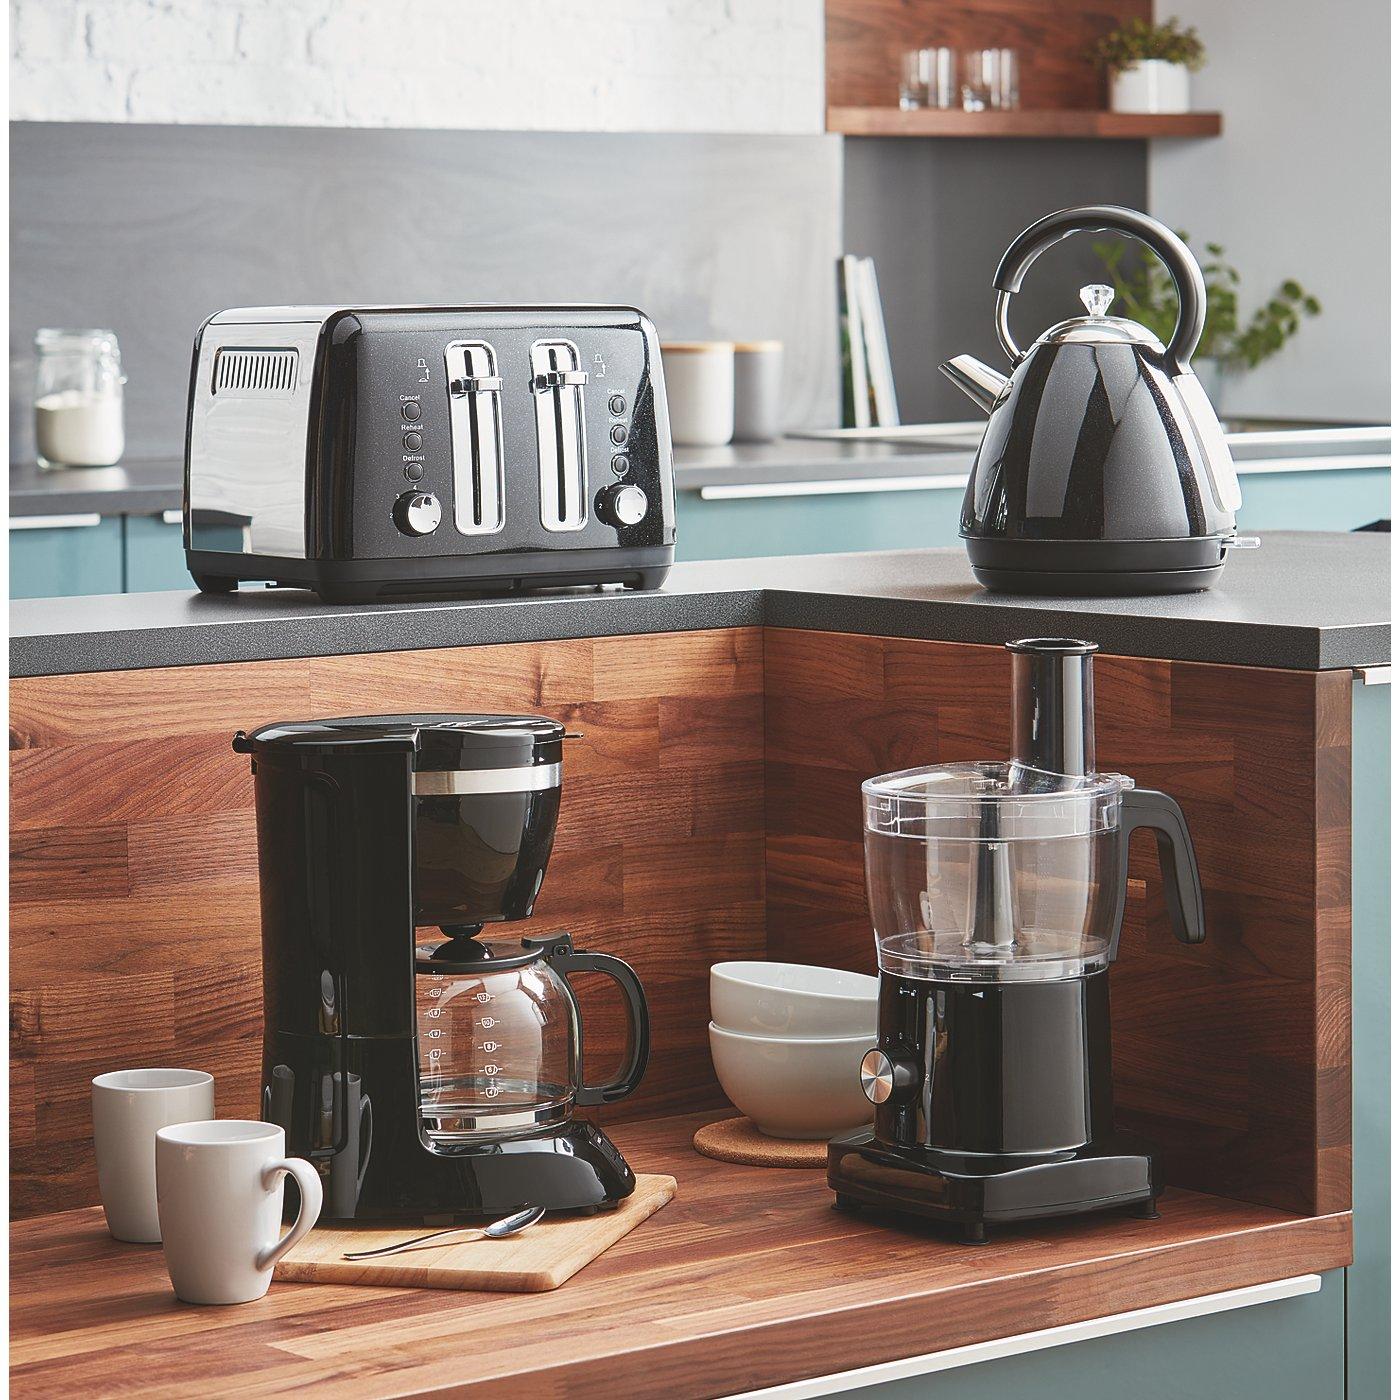 Black Kitchen Appliances Range | George